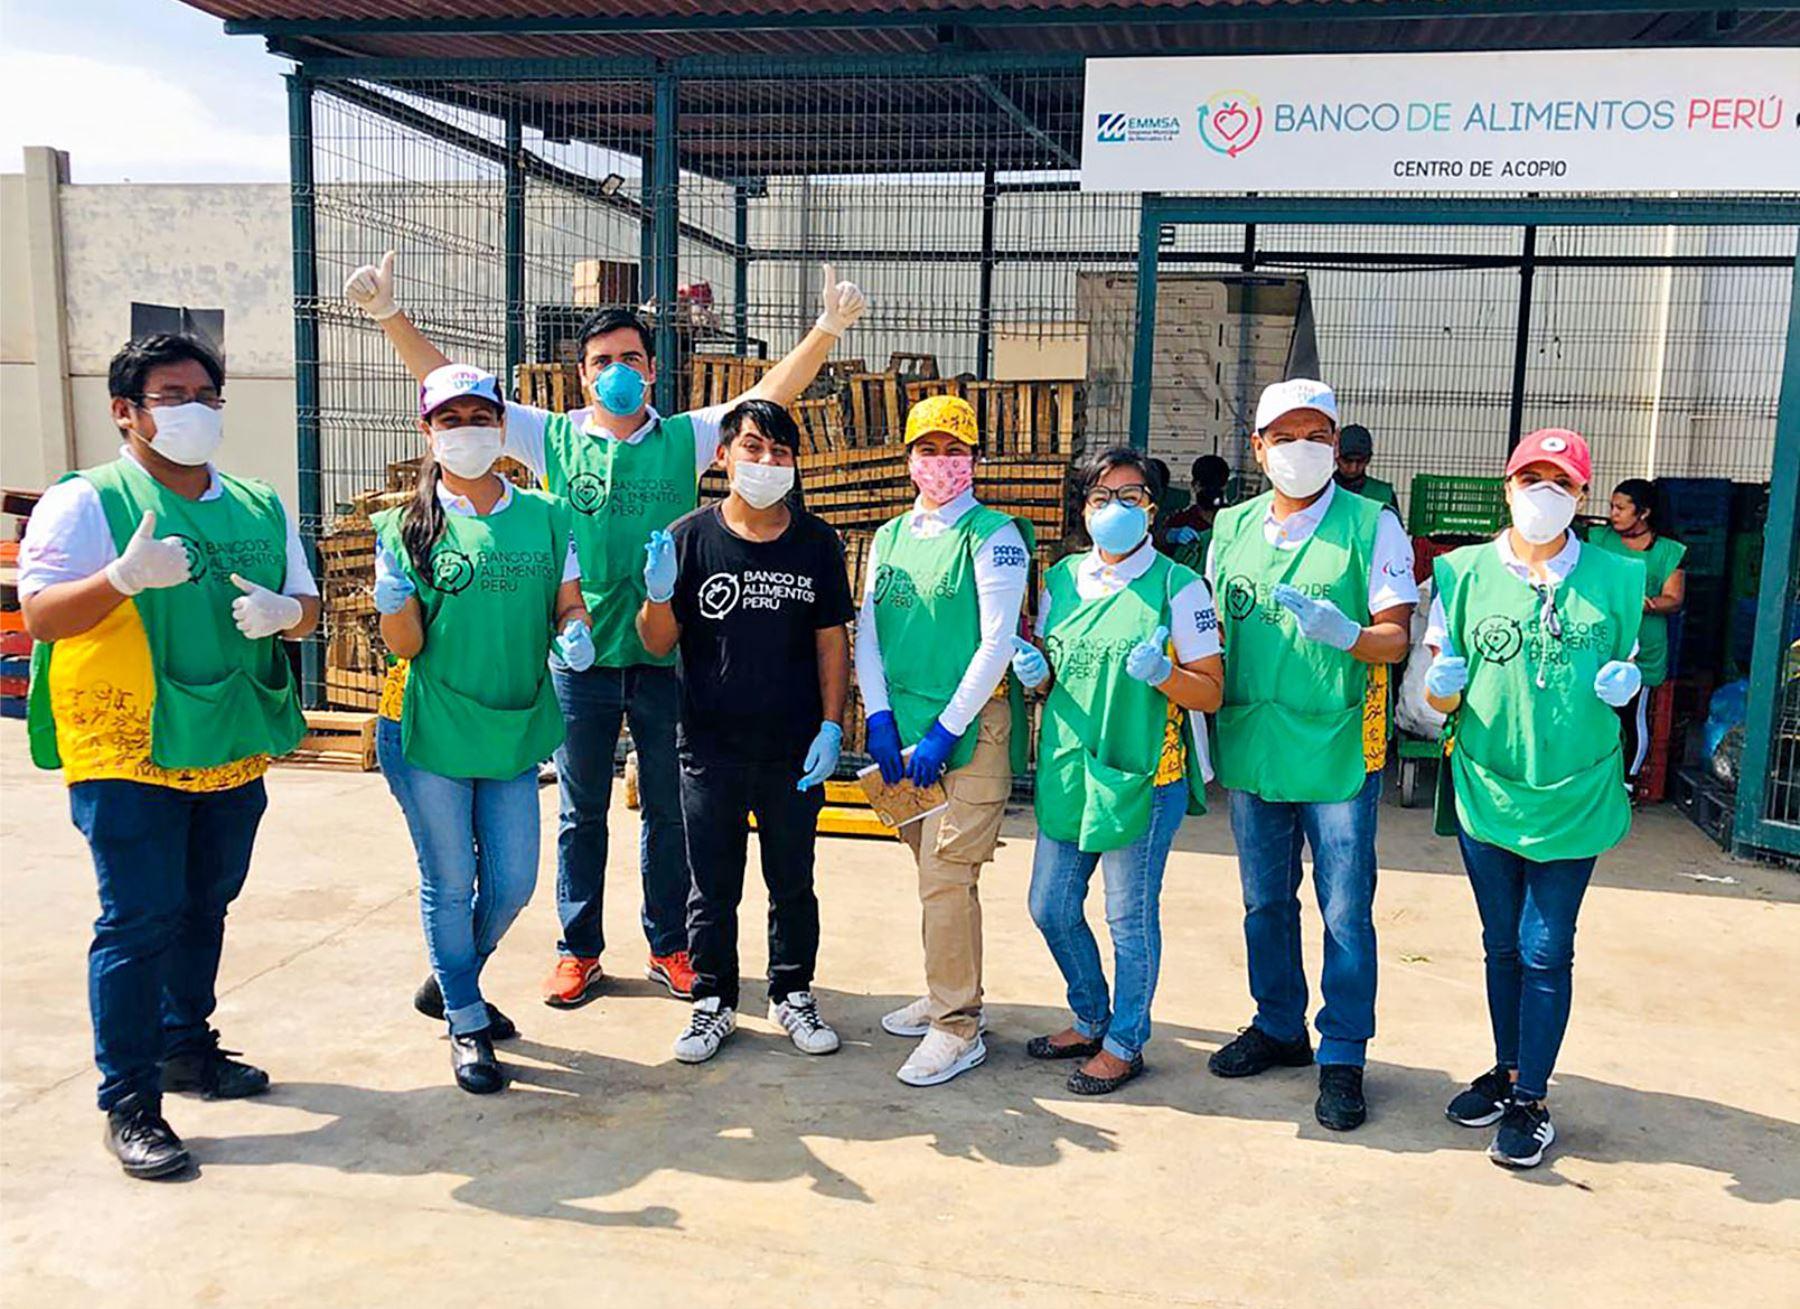 Voluntarios de Lima 2019 realizan la recolección de alimentos en el Mercado de Frutas